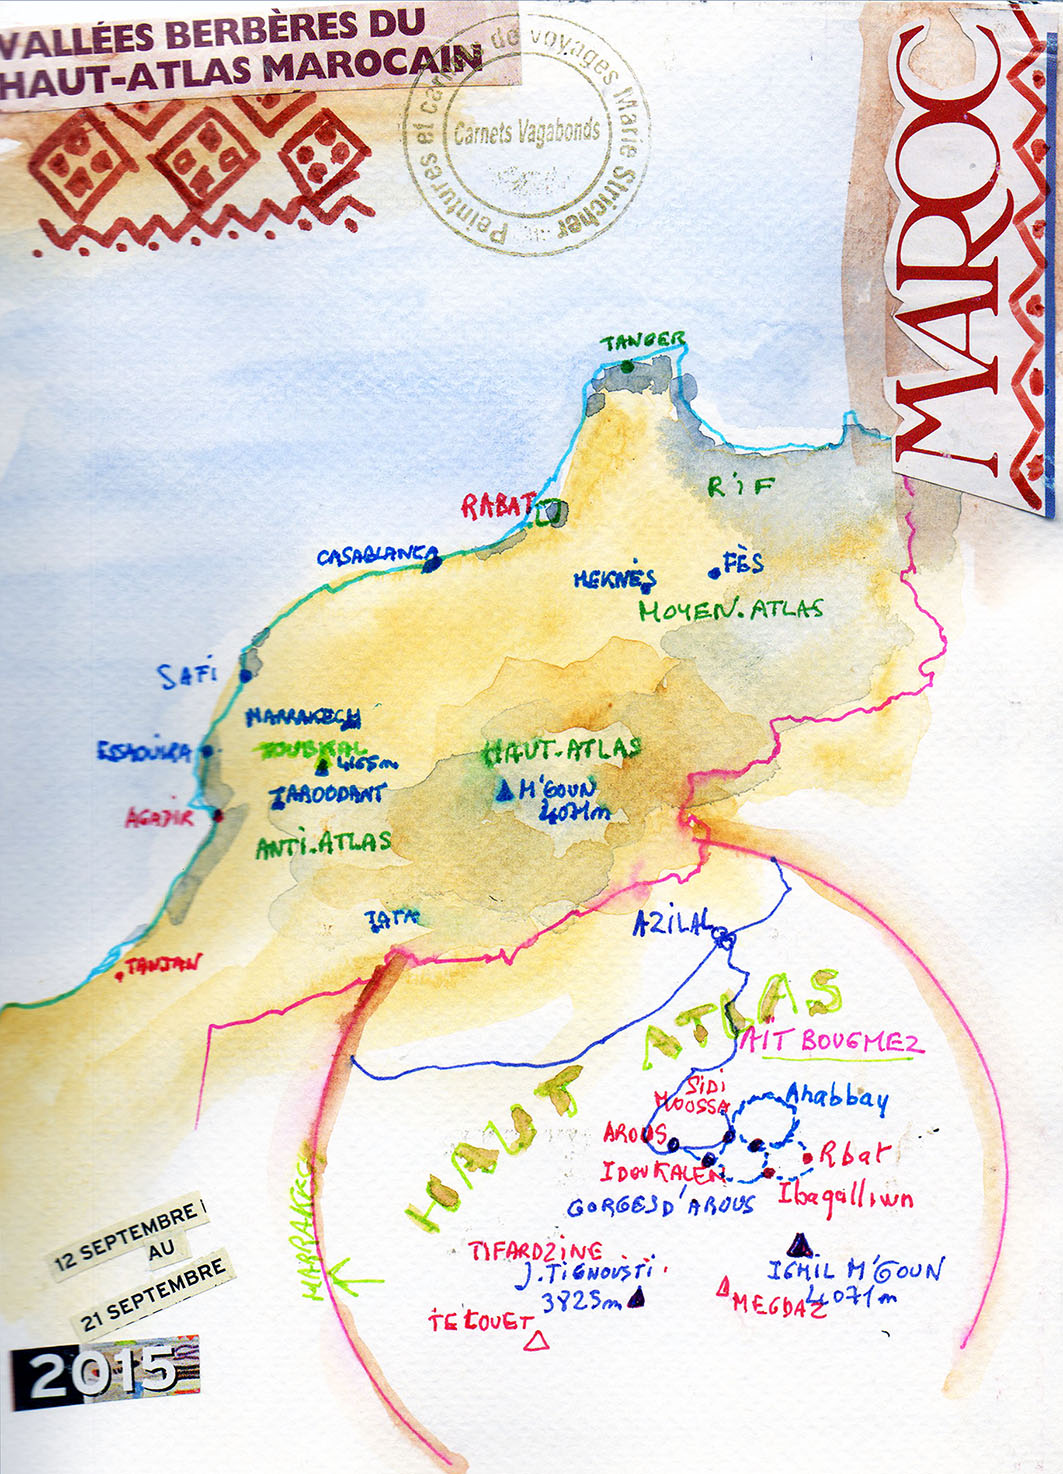 voyage maroc septembre